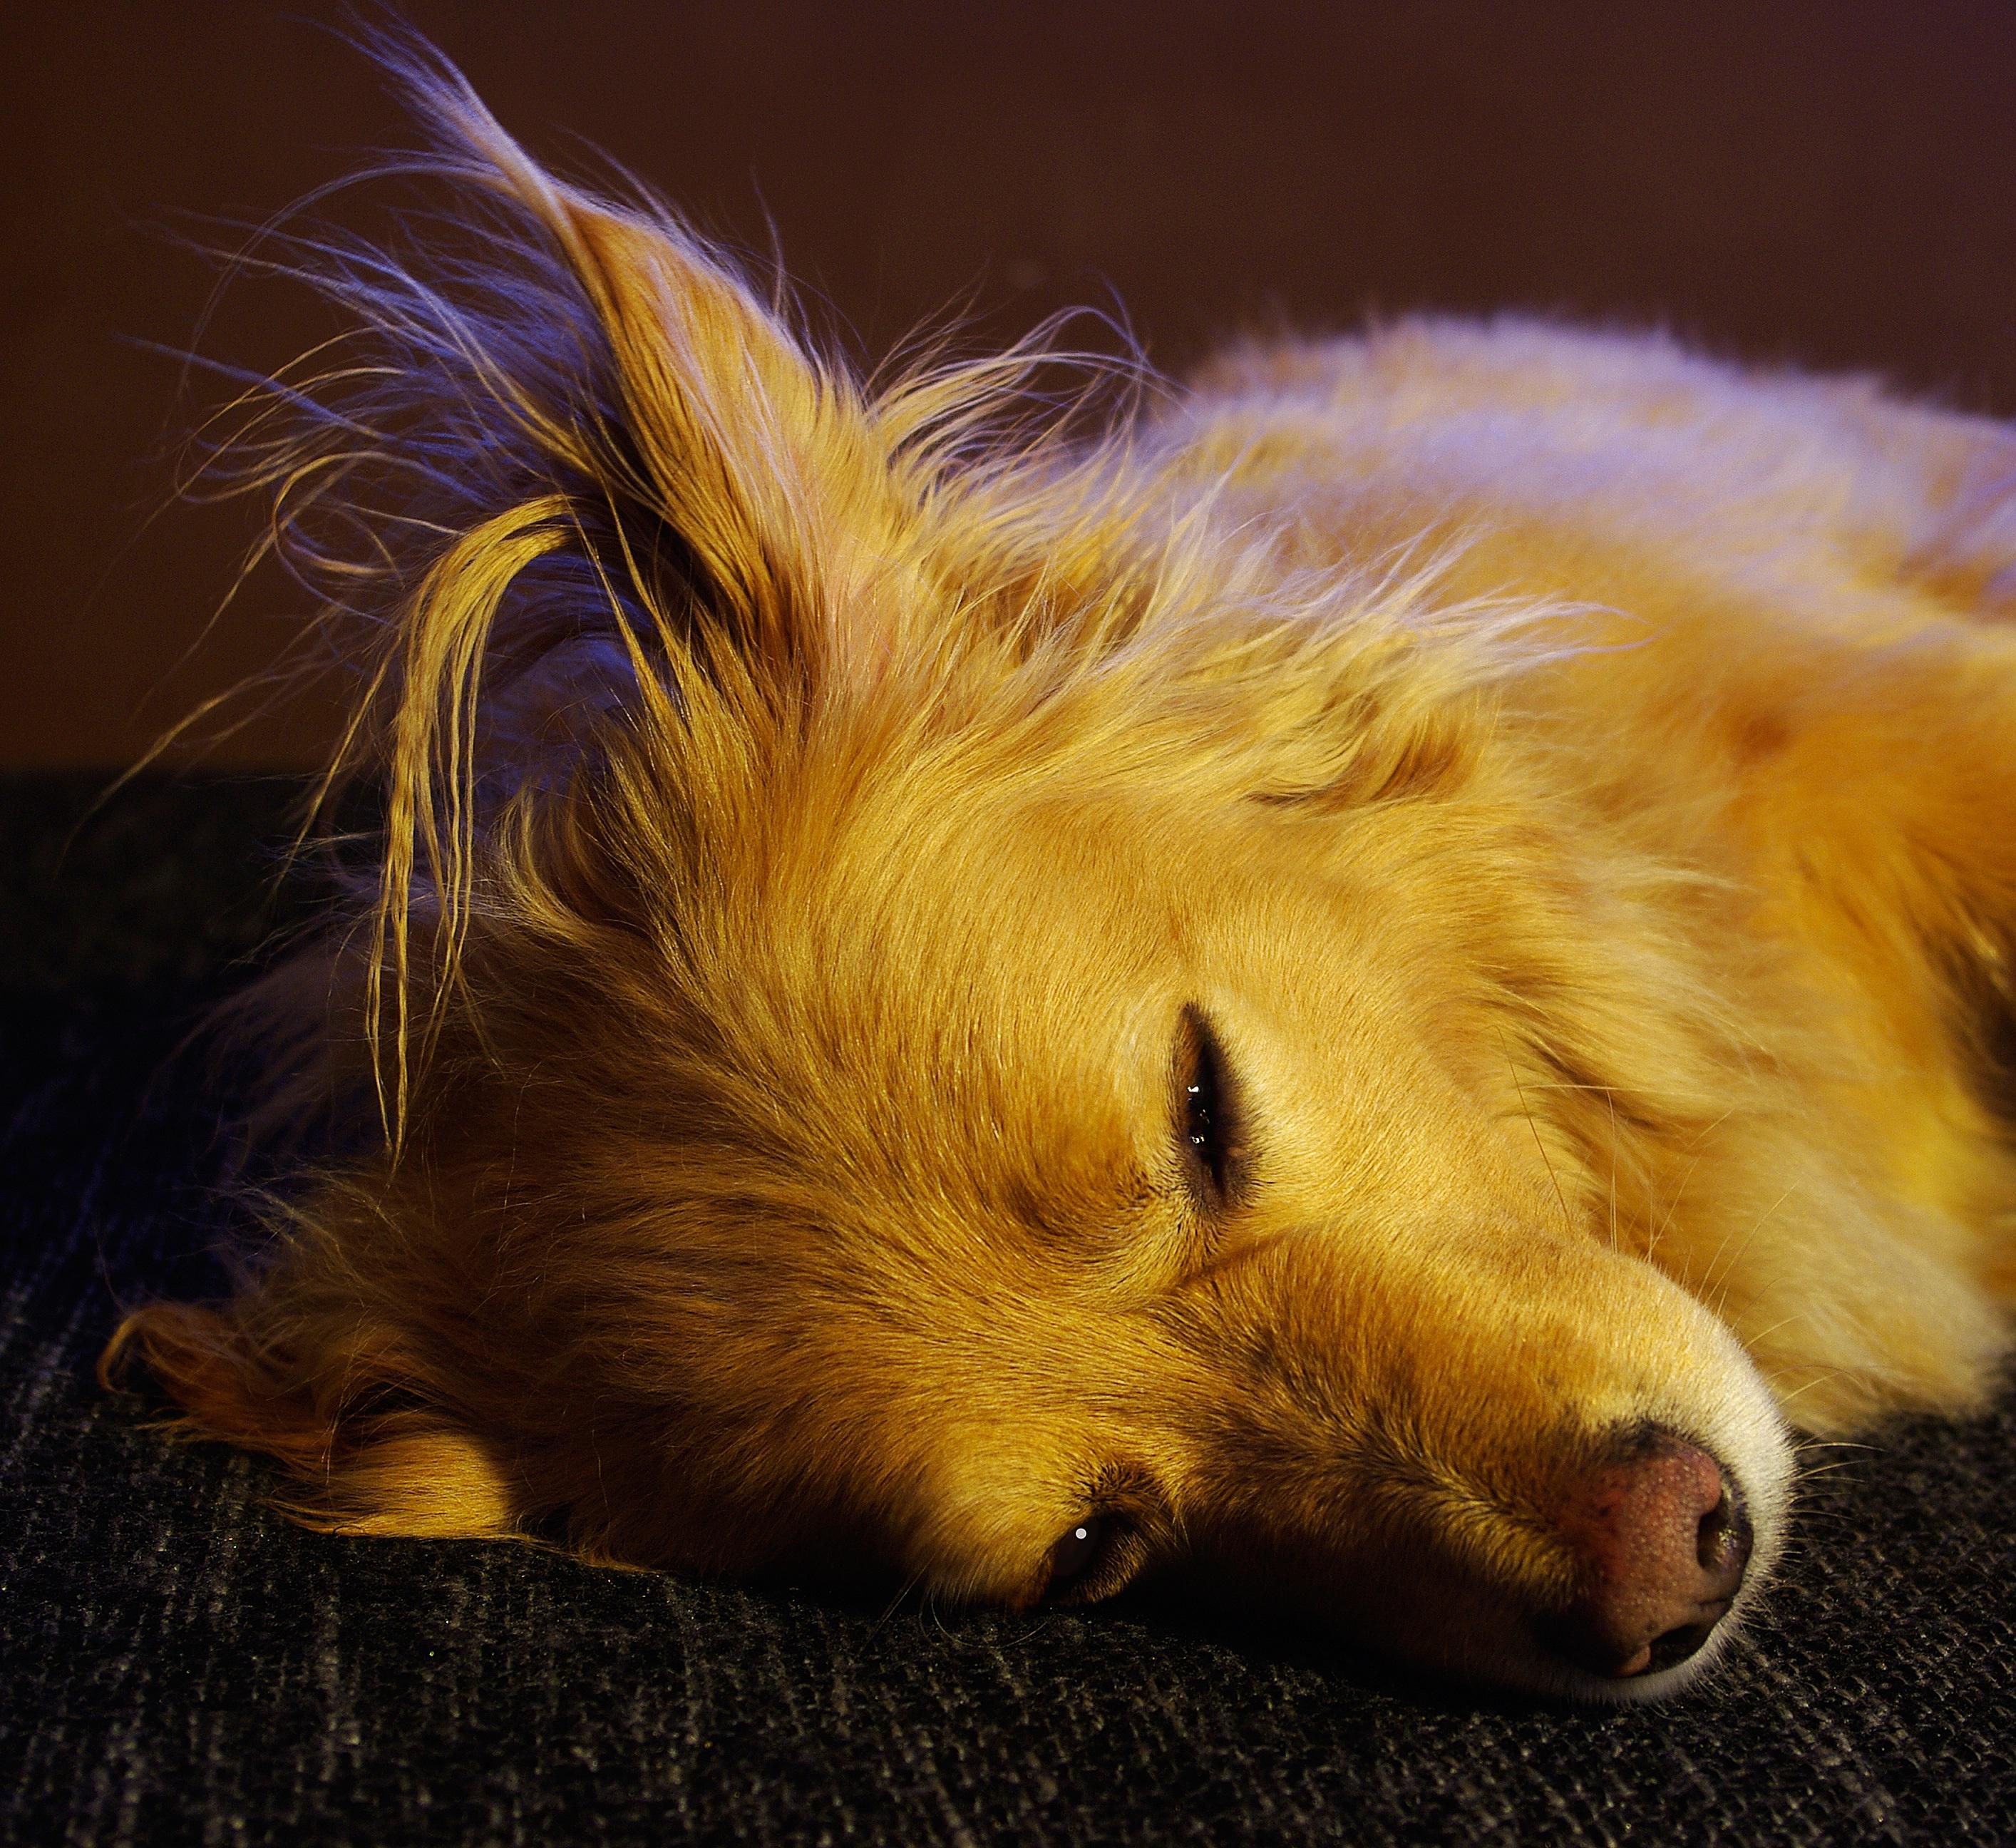 無料画像  子犬, 野生動物, ペット, 毛皮, 褐色, 閉じる, 動物相, レース, ウィスカー, クールな画像, ゴールデンレトリバー,  ハイブリッド, クールな写真, 嘘つき,